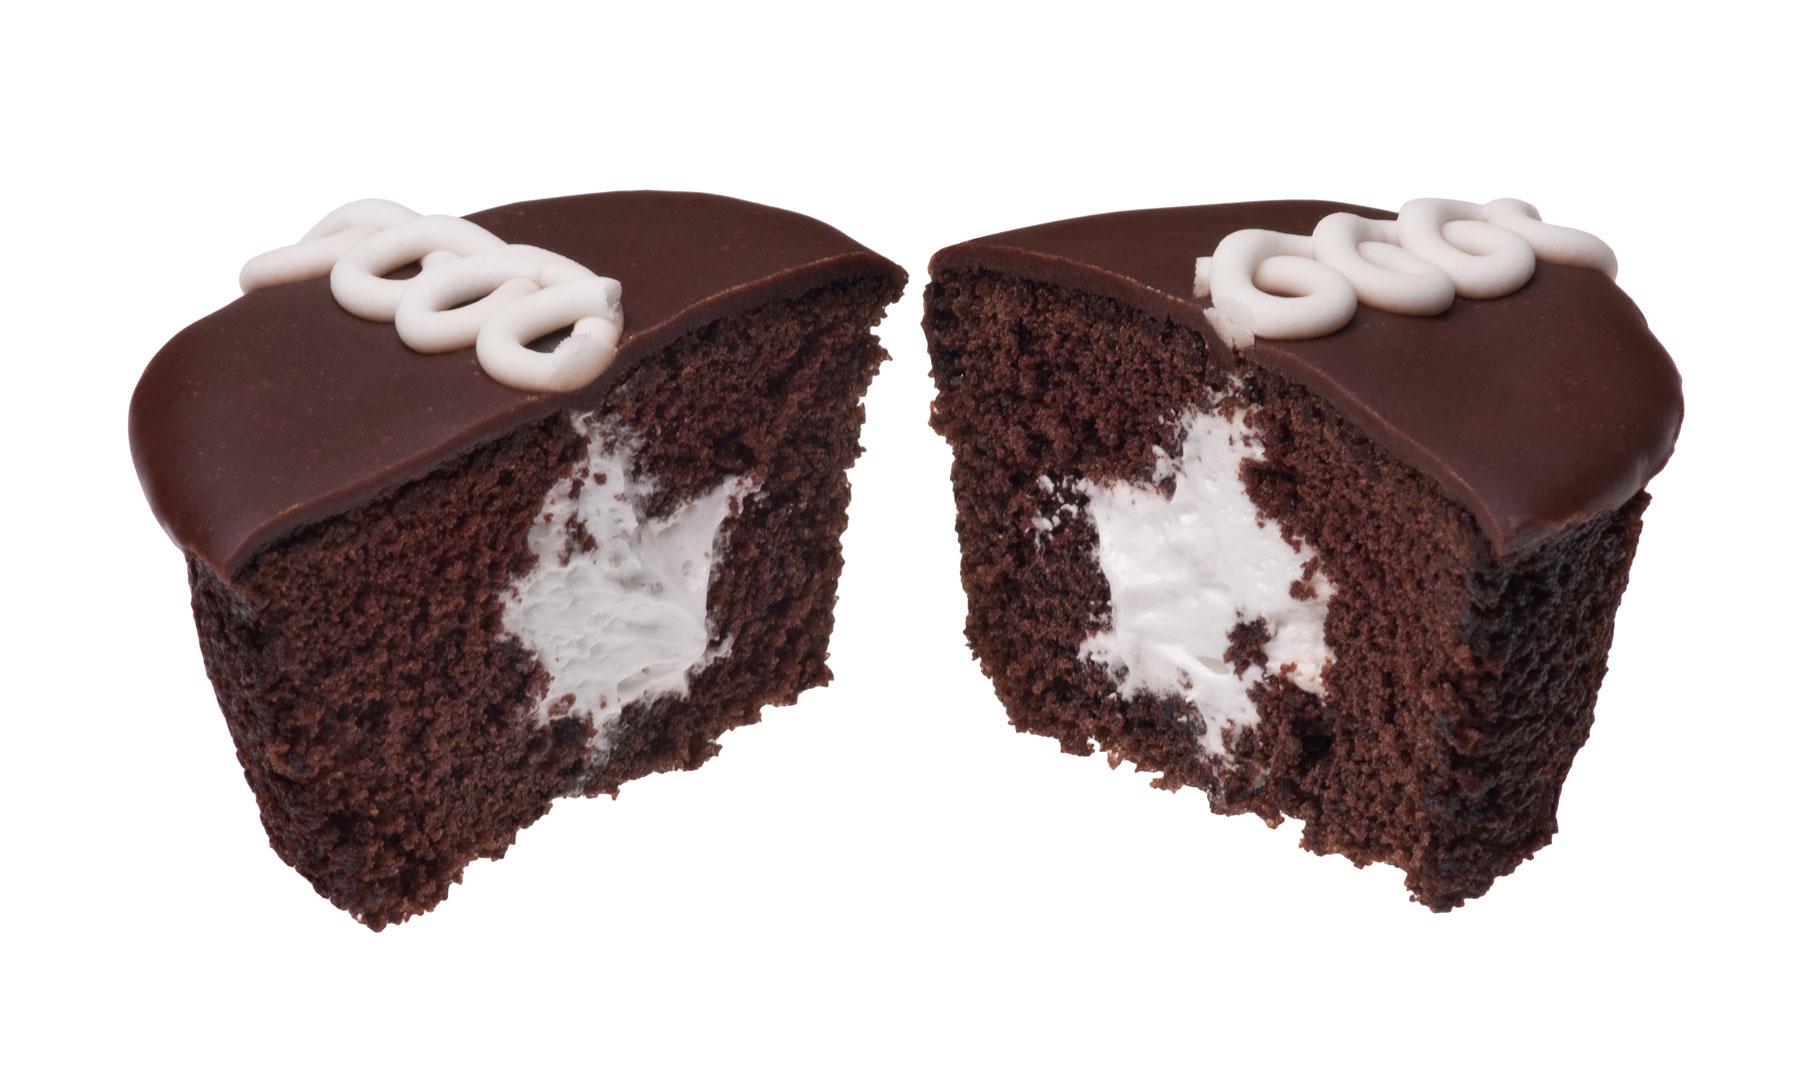 Hostess cupcake interior